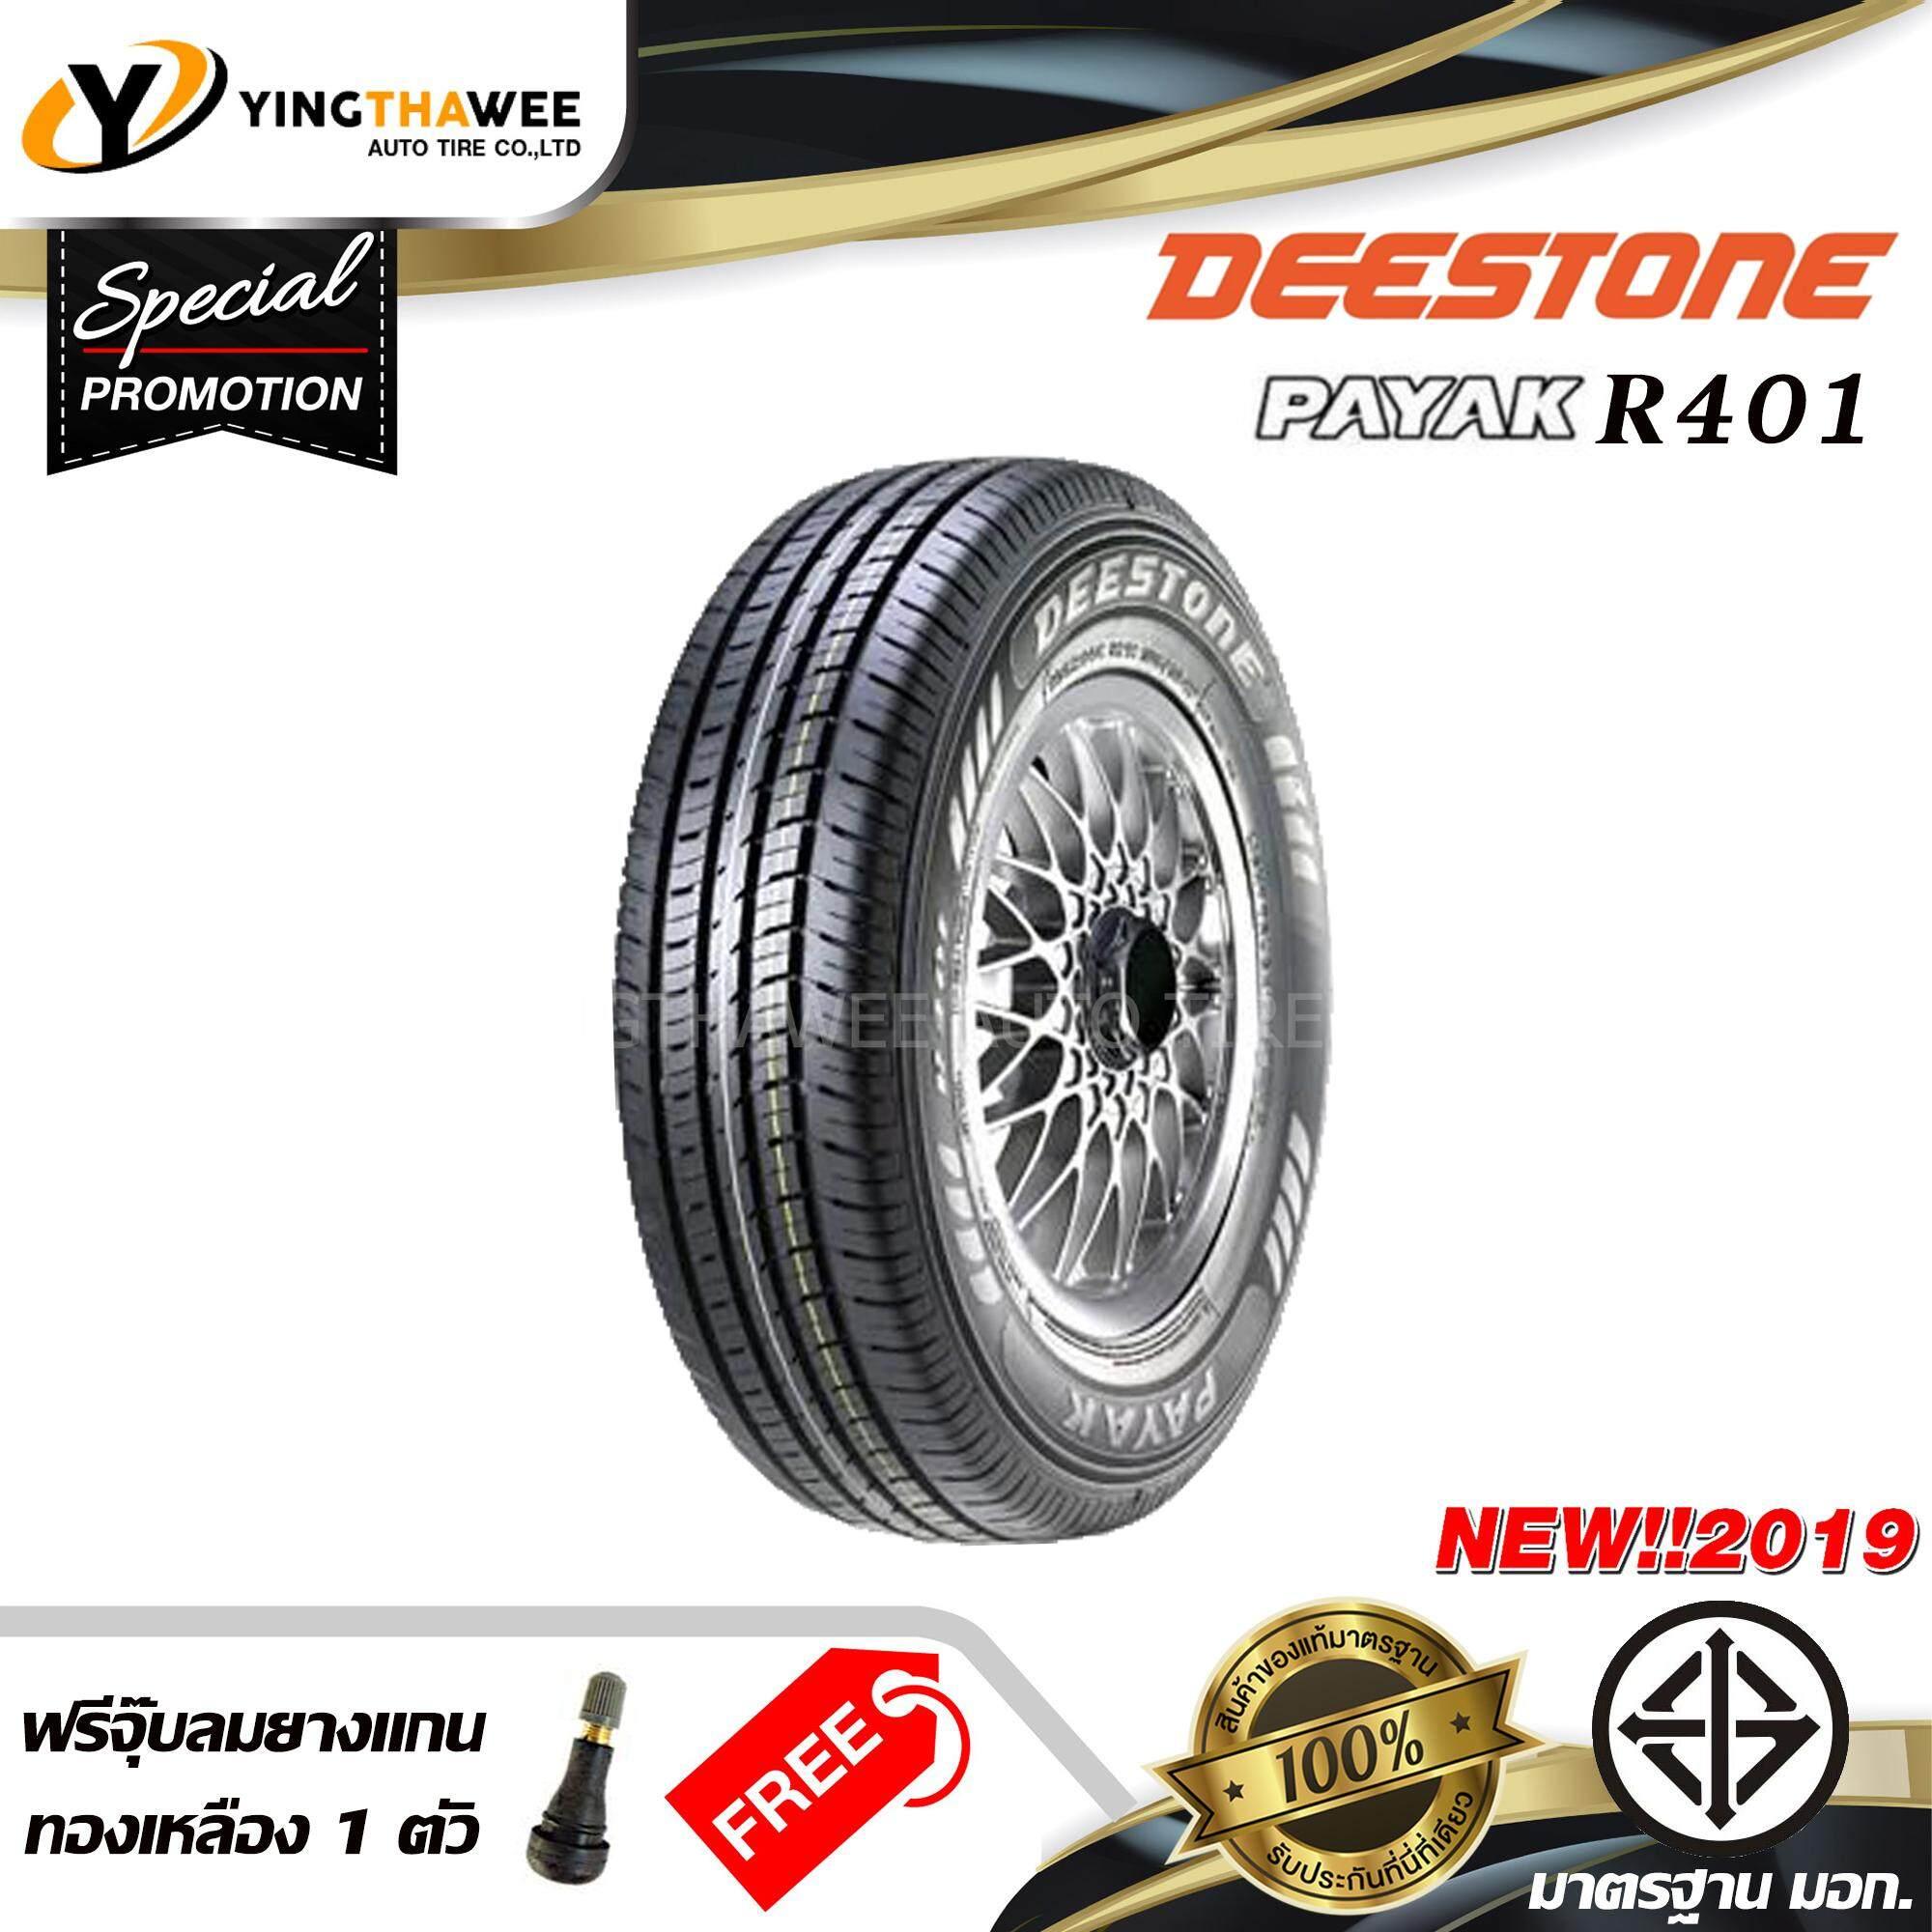 ประกันภัย รถยนต์ 2+ ฉะเชิงเทรา Deestone ยางรถยนต์ 195R14 รุ่น R401  1 เส้น (ปี 2019) แถมจุ๊บลมยางแกนทองเหลือง 1 ตัว